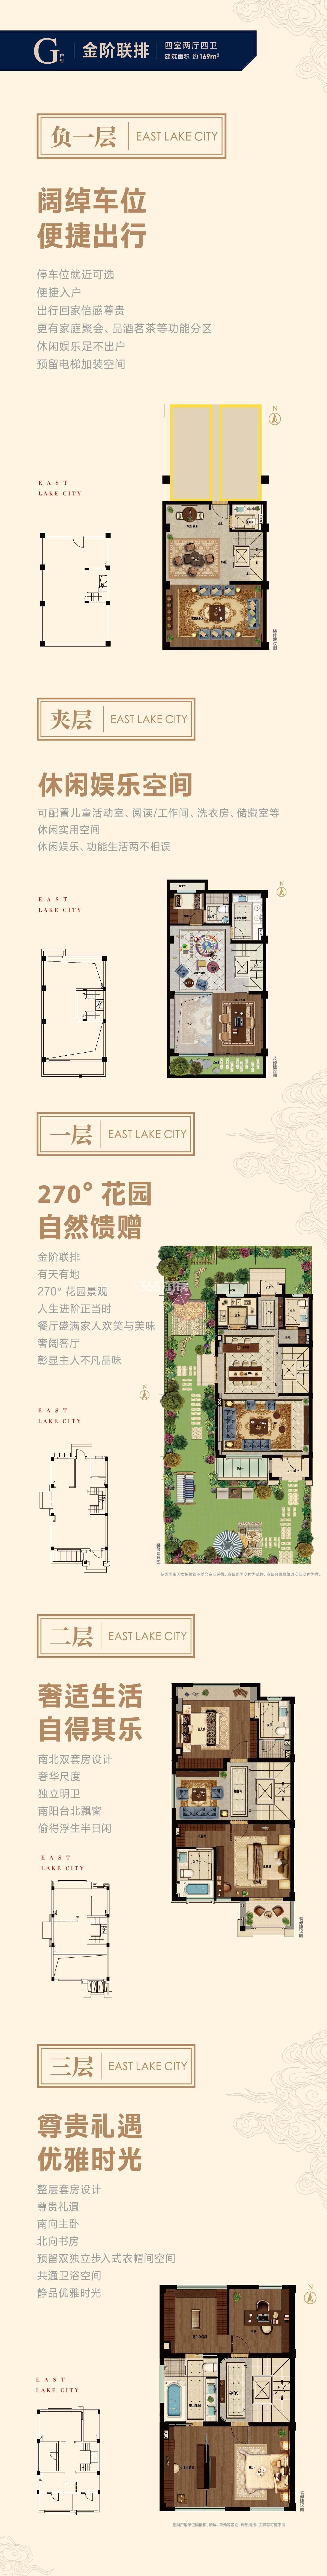 旭辉宝龙东湖城联排G户型169方(1-25#)